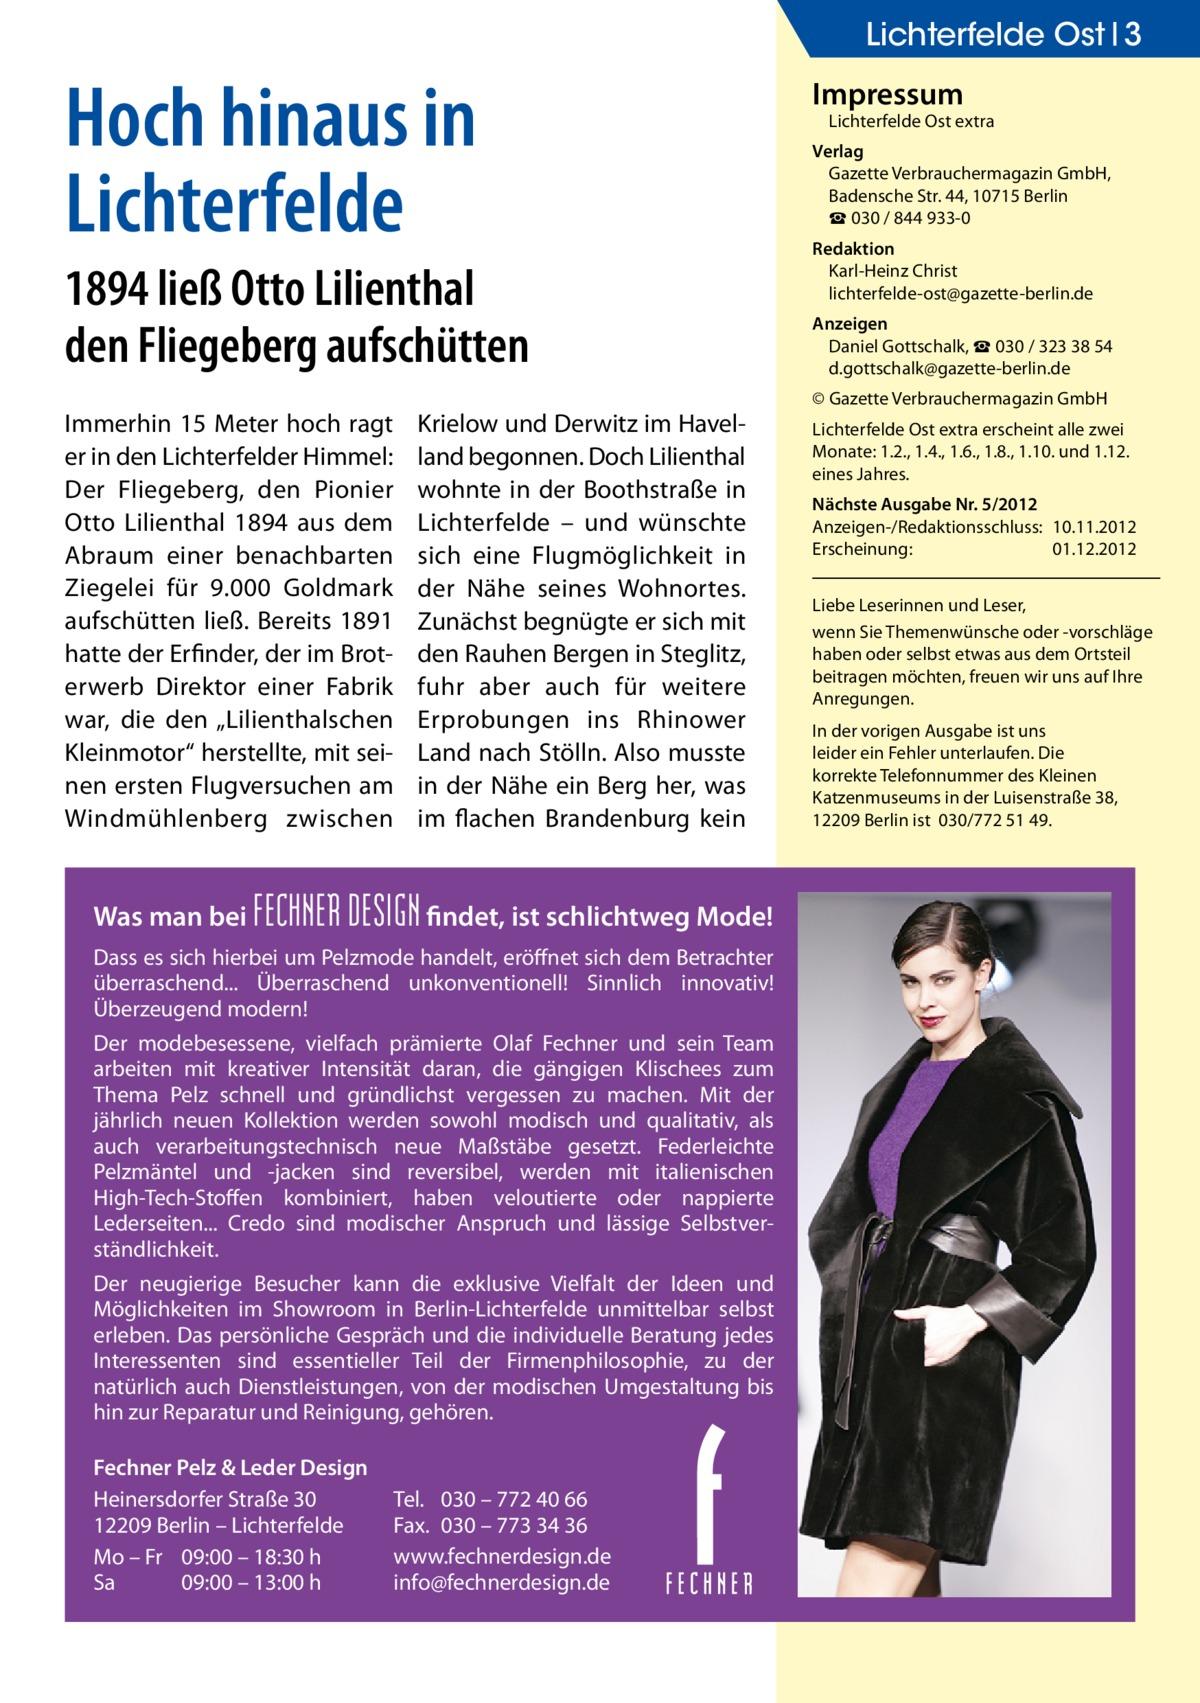 """Lichterfelde Ost 3  Hoch hinaus in Lichterfelde 1894 ließ Otto Lilienthal den Fliegeberg aufschütten Immerhin 15 Meter hoch ragt er in den Lichterfelder Himmel: Der Fliegeberg, den Pionier Otto Lilienthal 1894 aus dem Abraum einer benachbarten Ziegelei für 9.000 Goldmark aufschütten ließ. Bereits 1891 hatte der Erfinder, der im Broterwerb Direktor einer Fabrik war, die den """"Lilienthalschen Kleinmotor"""" herstellte, mit seinen ersten Flugversuchen am Windmühlenberg zwischen  Was man bei  Krielow und Derwitz im Havelland begonnen. Doch Lilienthal wohnte in der Boothstraße in Lichterfelde – und wünschte sich eine Flugmöglichkeit in der Nähe seines Wohnortes. Zunächst begnügte er sich mit den Rauhen Bergen in Steglitz, fuhr aber auch für weitere Erprobungen ins Rhinower Land nach Stölln. Also musste in der Nähe ein Berg her, was im flachen Brandenburg kein  FECHNER DESIGN findet, ist schlichtweg Mode!  Dass es sich hierbei um Pelzmode handelt, eröffnet sich dem Betrachter überraschend... Überraschend unkonventionell! Sinnlich innovativ! Überzeugend modern! Der modebesessene, vielfach prämierte Olaf Fechner und sein Team arbeiten mit kreativer Intensität daran, die gängigen Klischees zum Thema Pelz schnell und gründlichst vergessen zu machen. Mit der jährlich neuen Kollektion werden sowohl modisch und qualitativ, als auch verarbeitungstechnisch neue Maßstäbe gesetzt. Federleichte Pelzmäntel und -jacken sind reversibel, werden mit italienischen High-Tech-Stoffen kombiniert, haben veloutierte oder nappierte Lederseiten... Credo sind modischer Anspruch und lässige Selbstverständlichkeit. Der neugierige Besucher kann die exklusive Vielfalt der Ideen und Möglichkeiten im Showroom in Berlin-Lichterfelde unmittelbar selbst erleben. Das persönliche Gespräch und die individuelle Beratung jedes Interessenten sind essentieller Teil der Firmenphilosophie, zu der natürlich auch Dienstleistungen, von der modischen Umgestaltung bis hin zur Reparatur und Reinigung, gehören. Fechner Pelz &"""